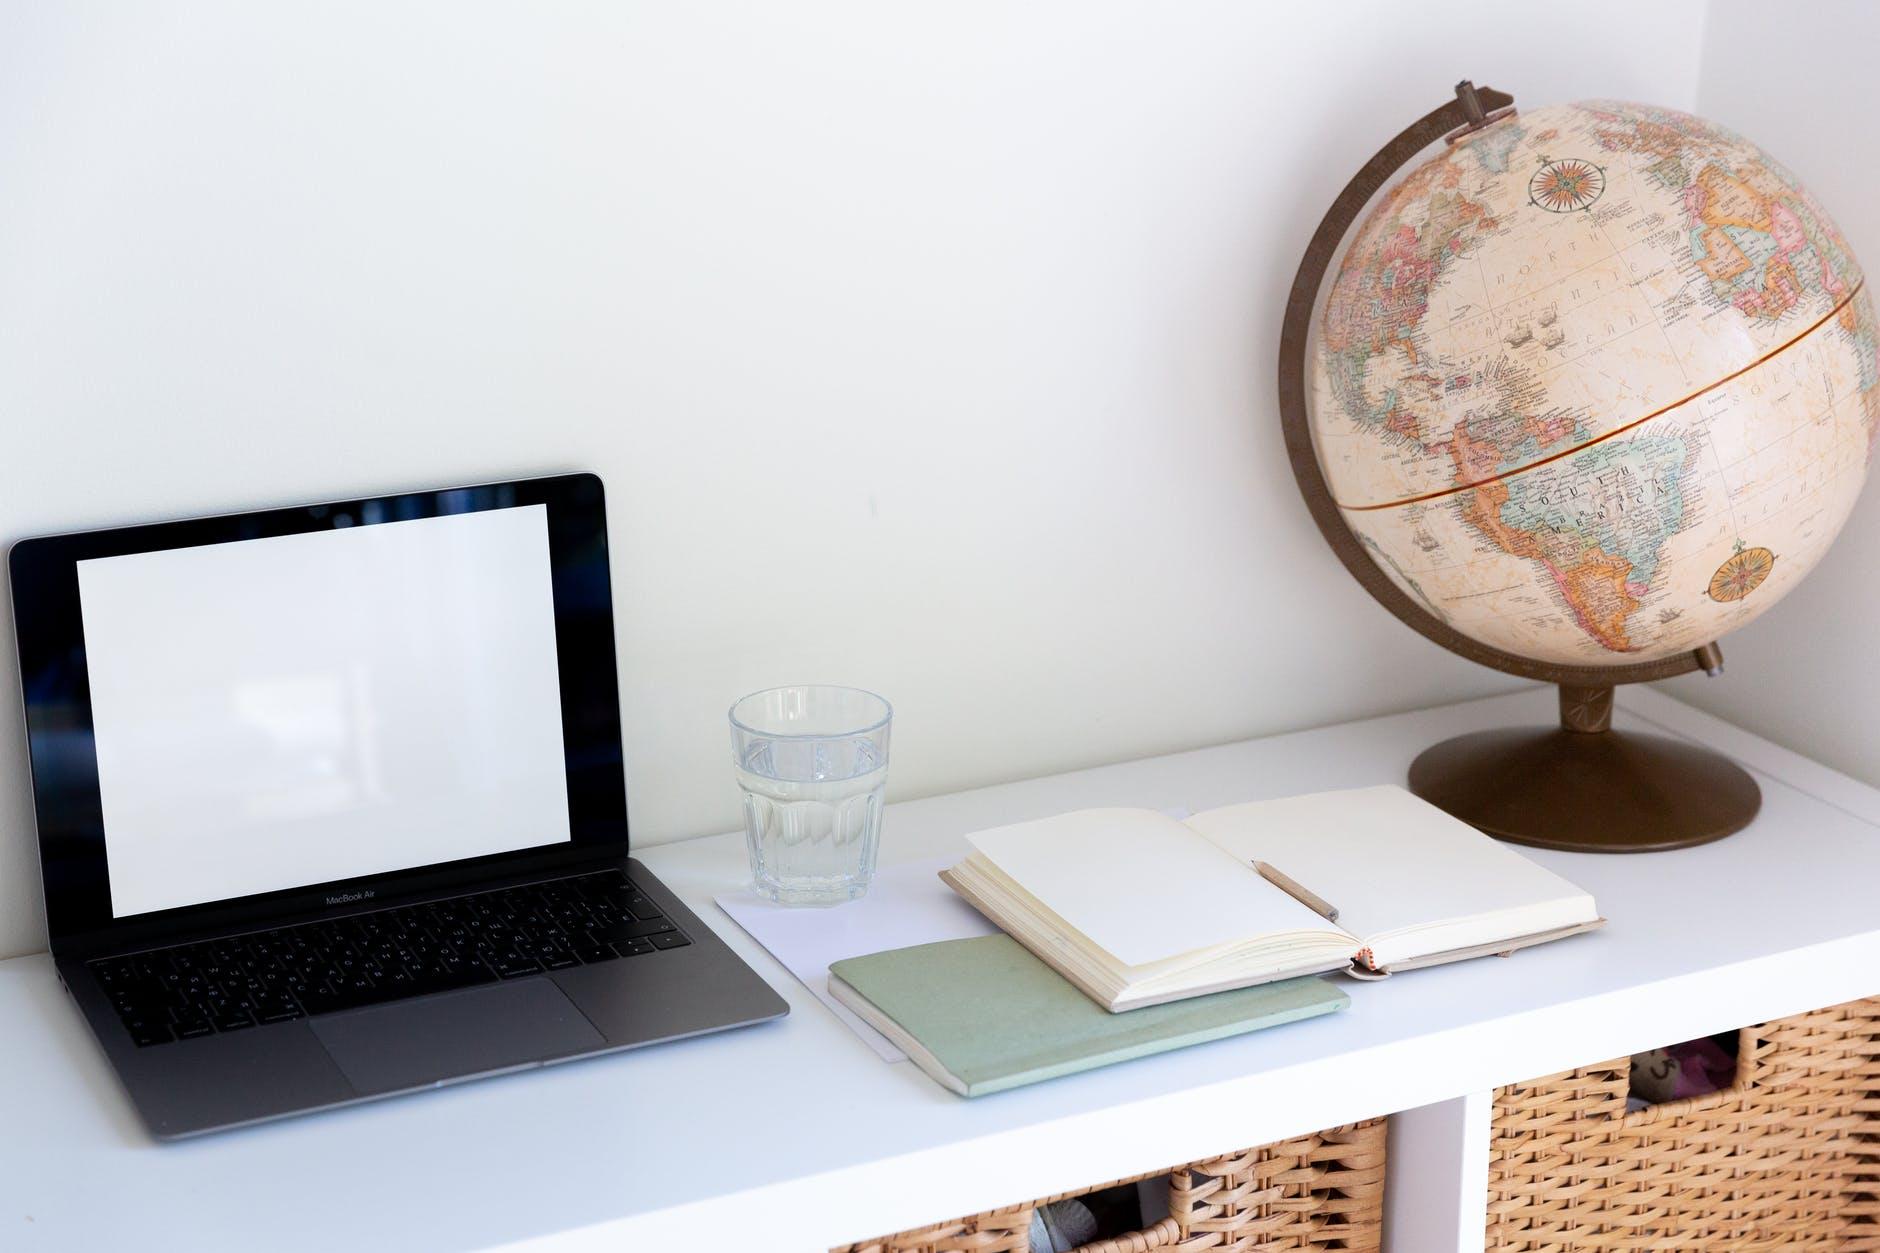 mesa de estudos com notebook e livros.